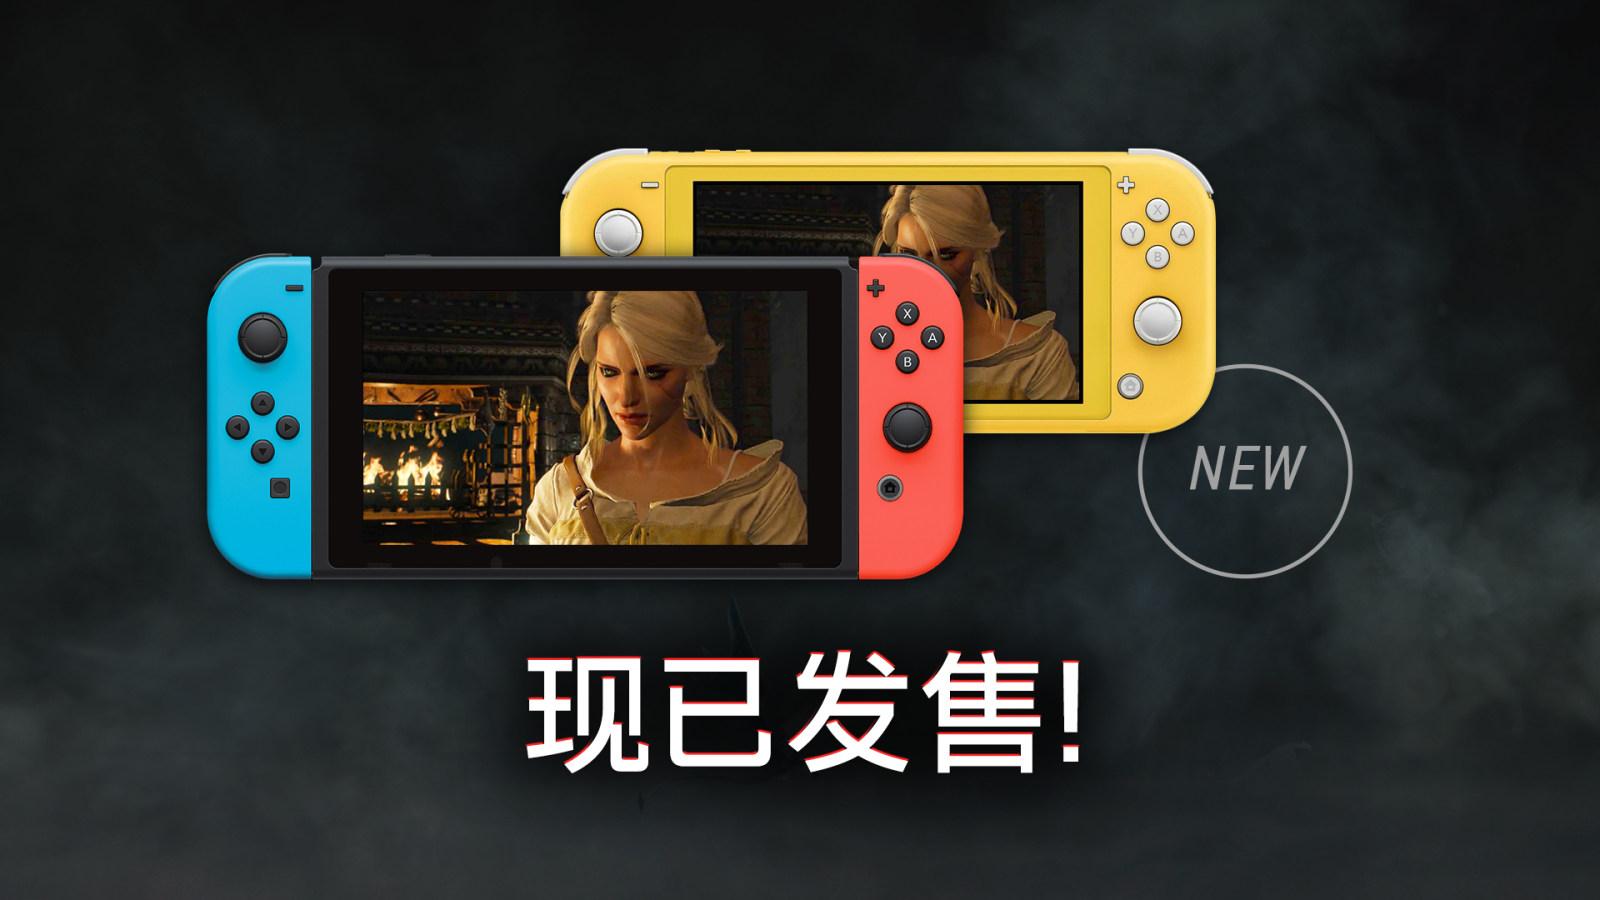 《巫师3:狂猎 完全版》现已登陆任天堂Switch